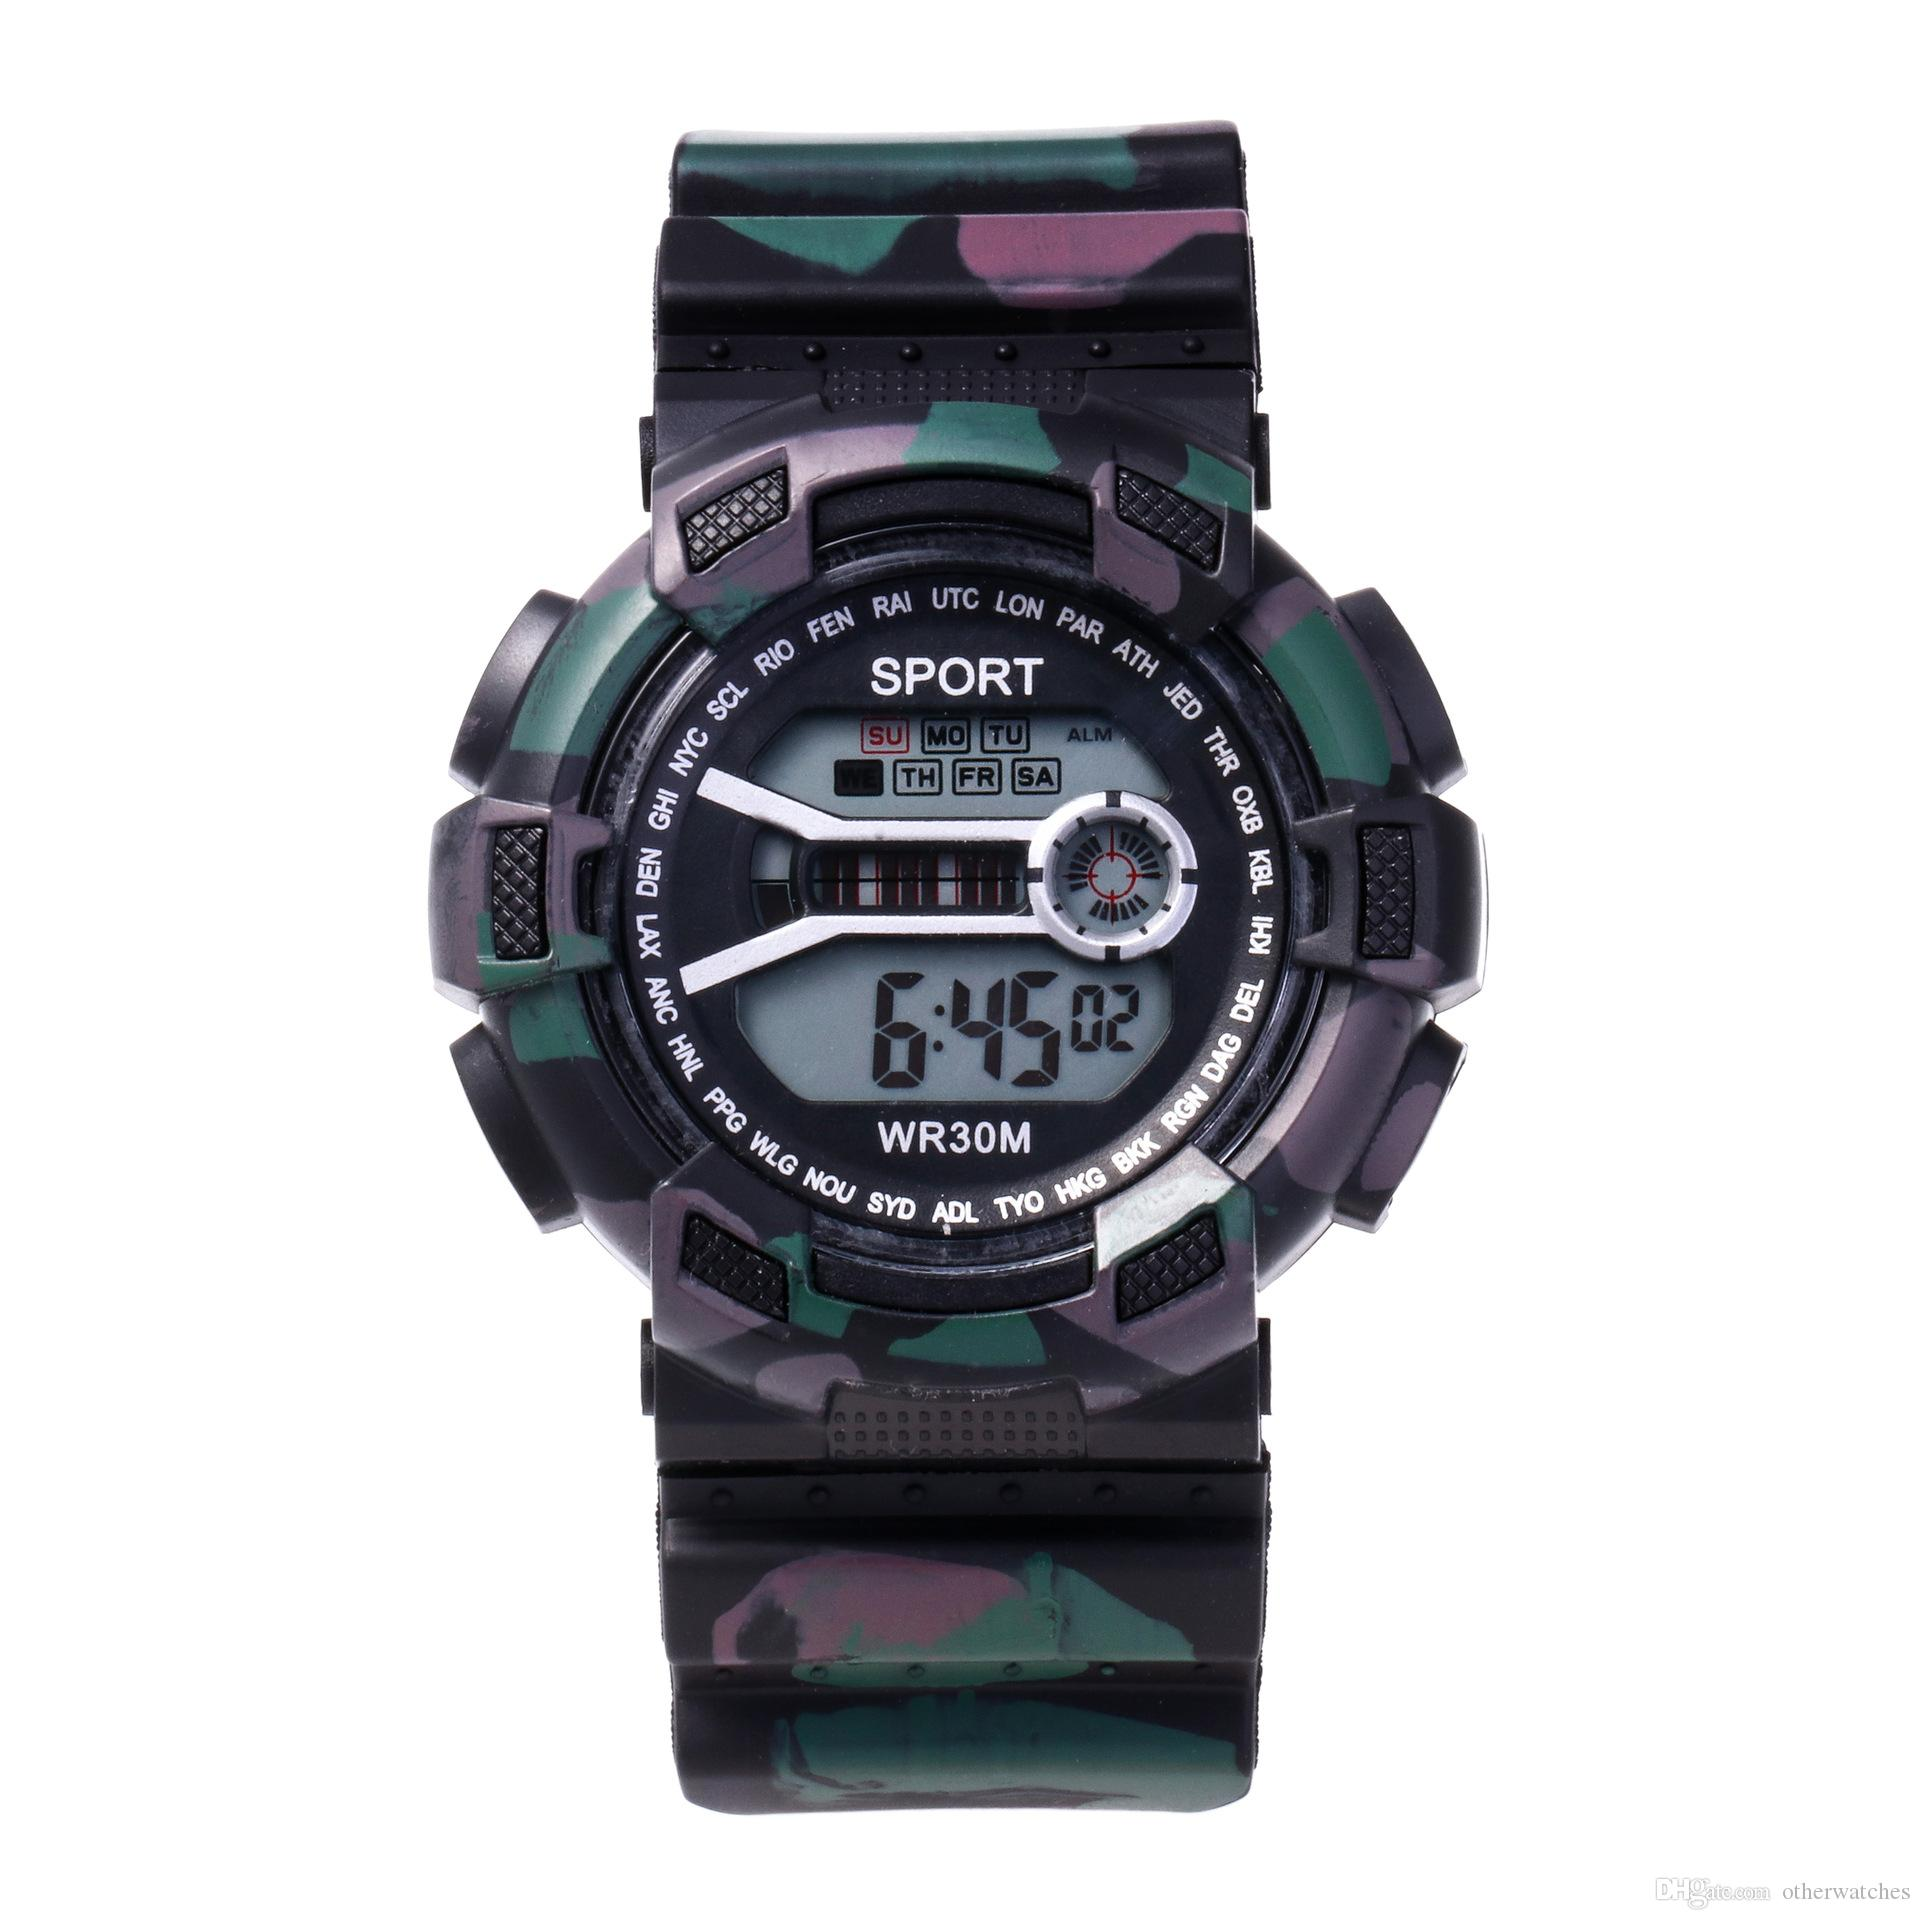 Tarnungsart Multifunktionsbunte wasserdichte Kursteilnehmerfreizeitsport-Stoppuhrwecker elektronische Tabelle Armbanduhren